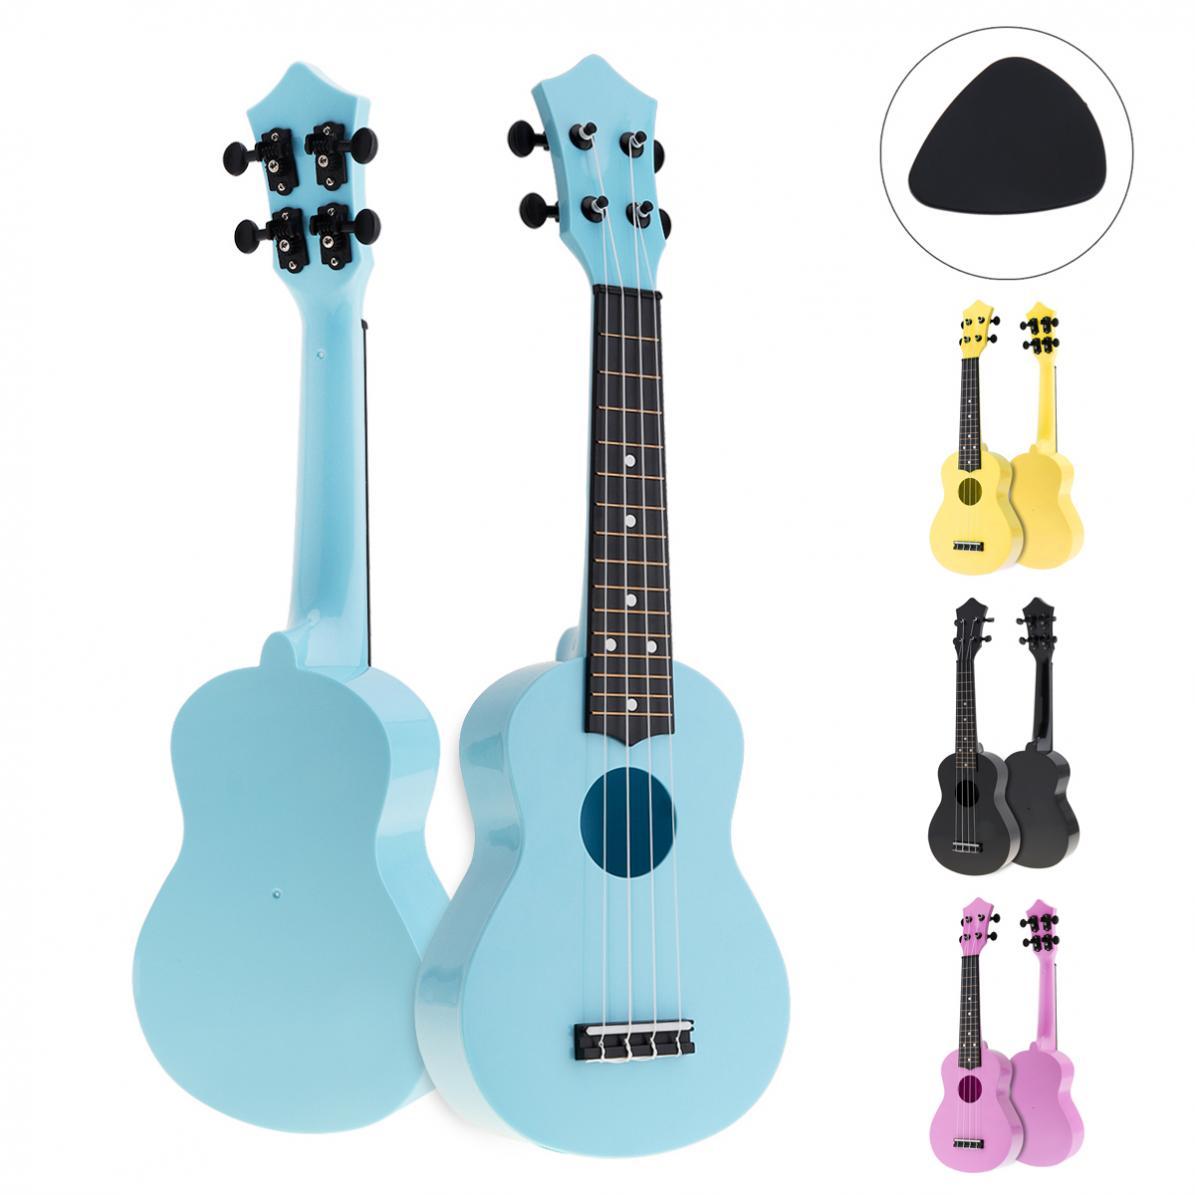 21 Pollici Colorato Acustica Ukulele Uke 4 Strings Hawaii Chitarra Guitarra Strumento Di Musica Per I Bambini E La Musica Per Principianti